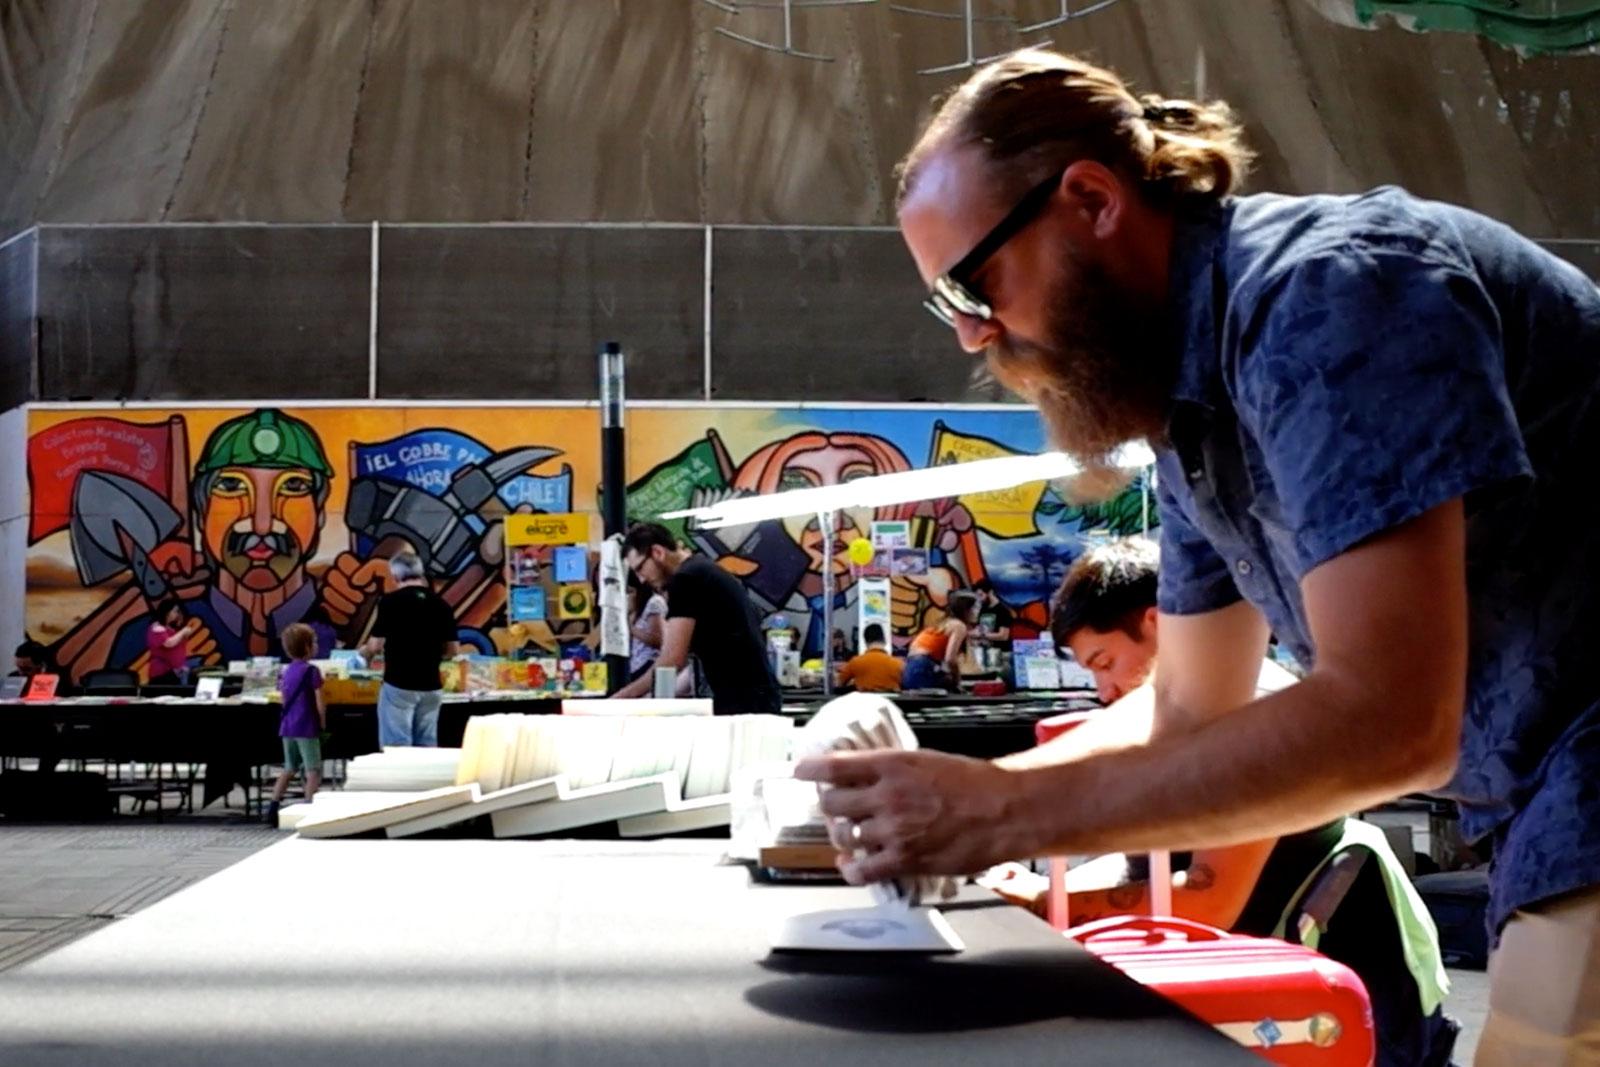 Historias de creadores. Retrato de creador de proyecto Barba de abejas. Eric Schierloh